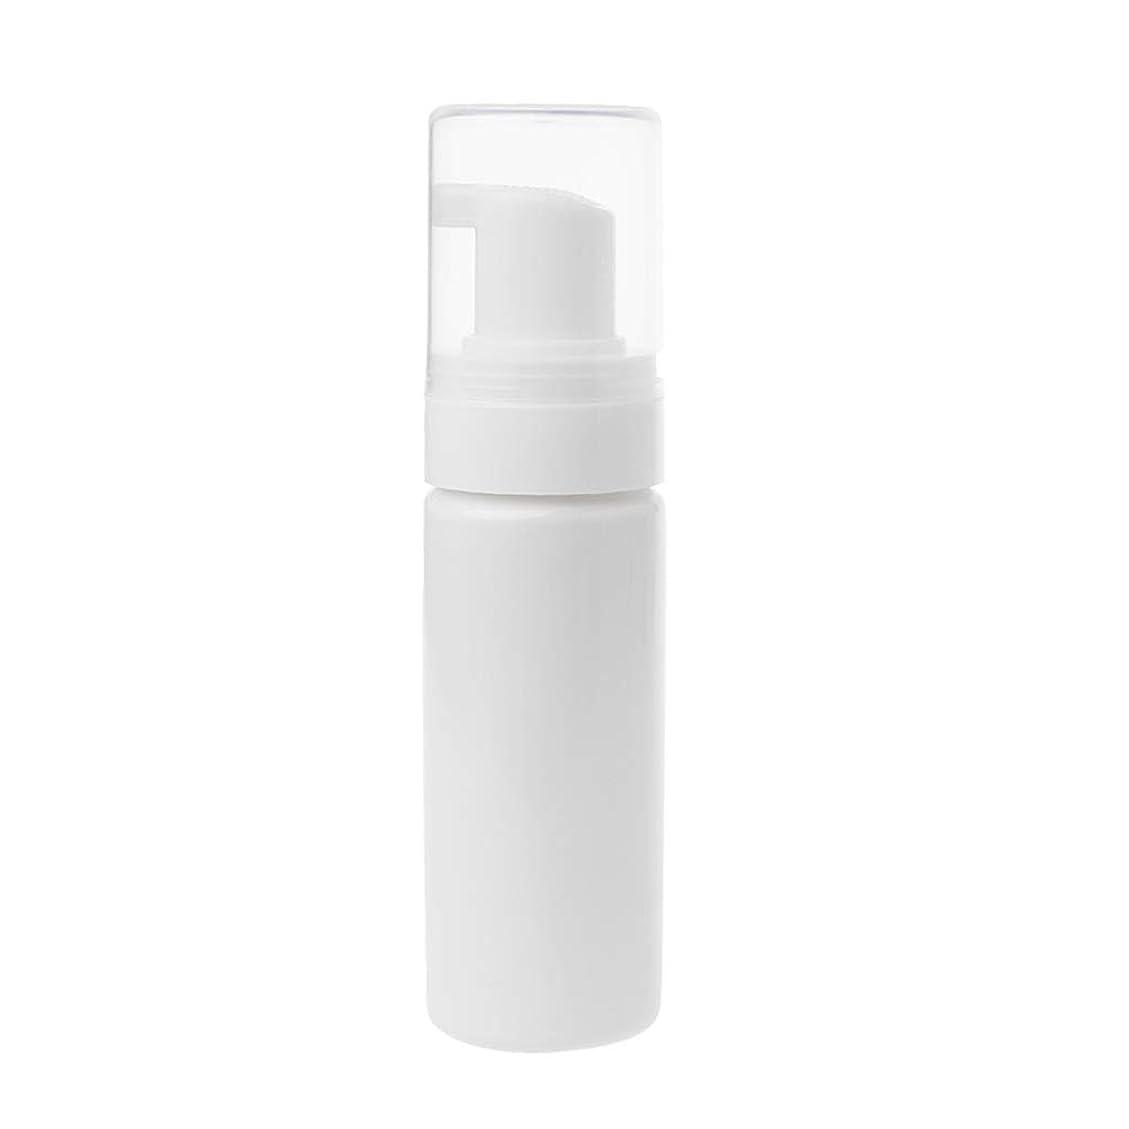 だらしない看板にんじんDabixx クリーニング旅行のための50ml空の泡立つびん旅行石鹸の液体の泡のびん - A#